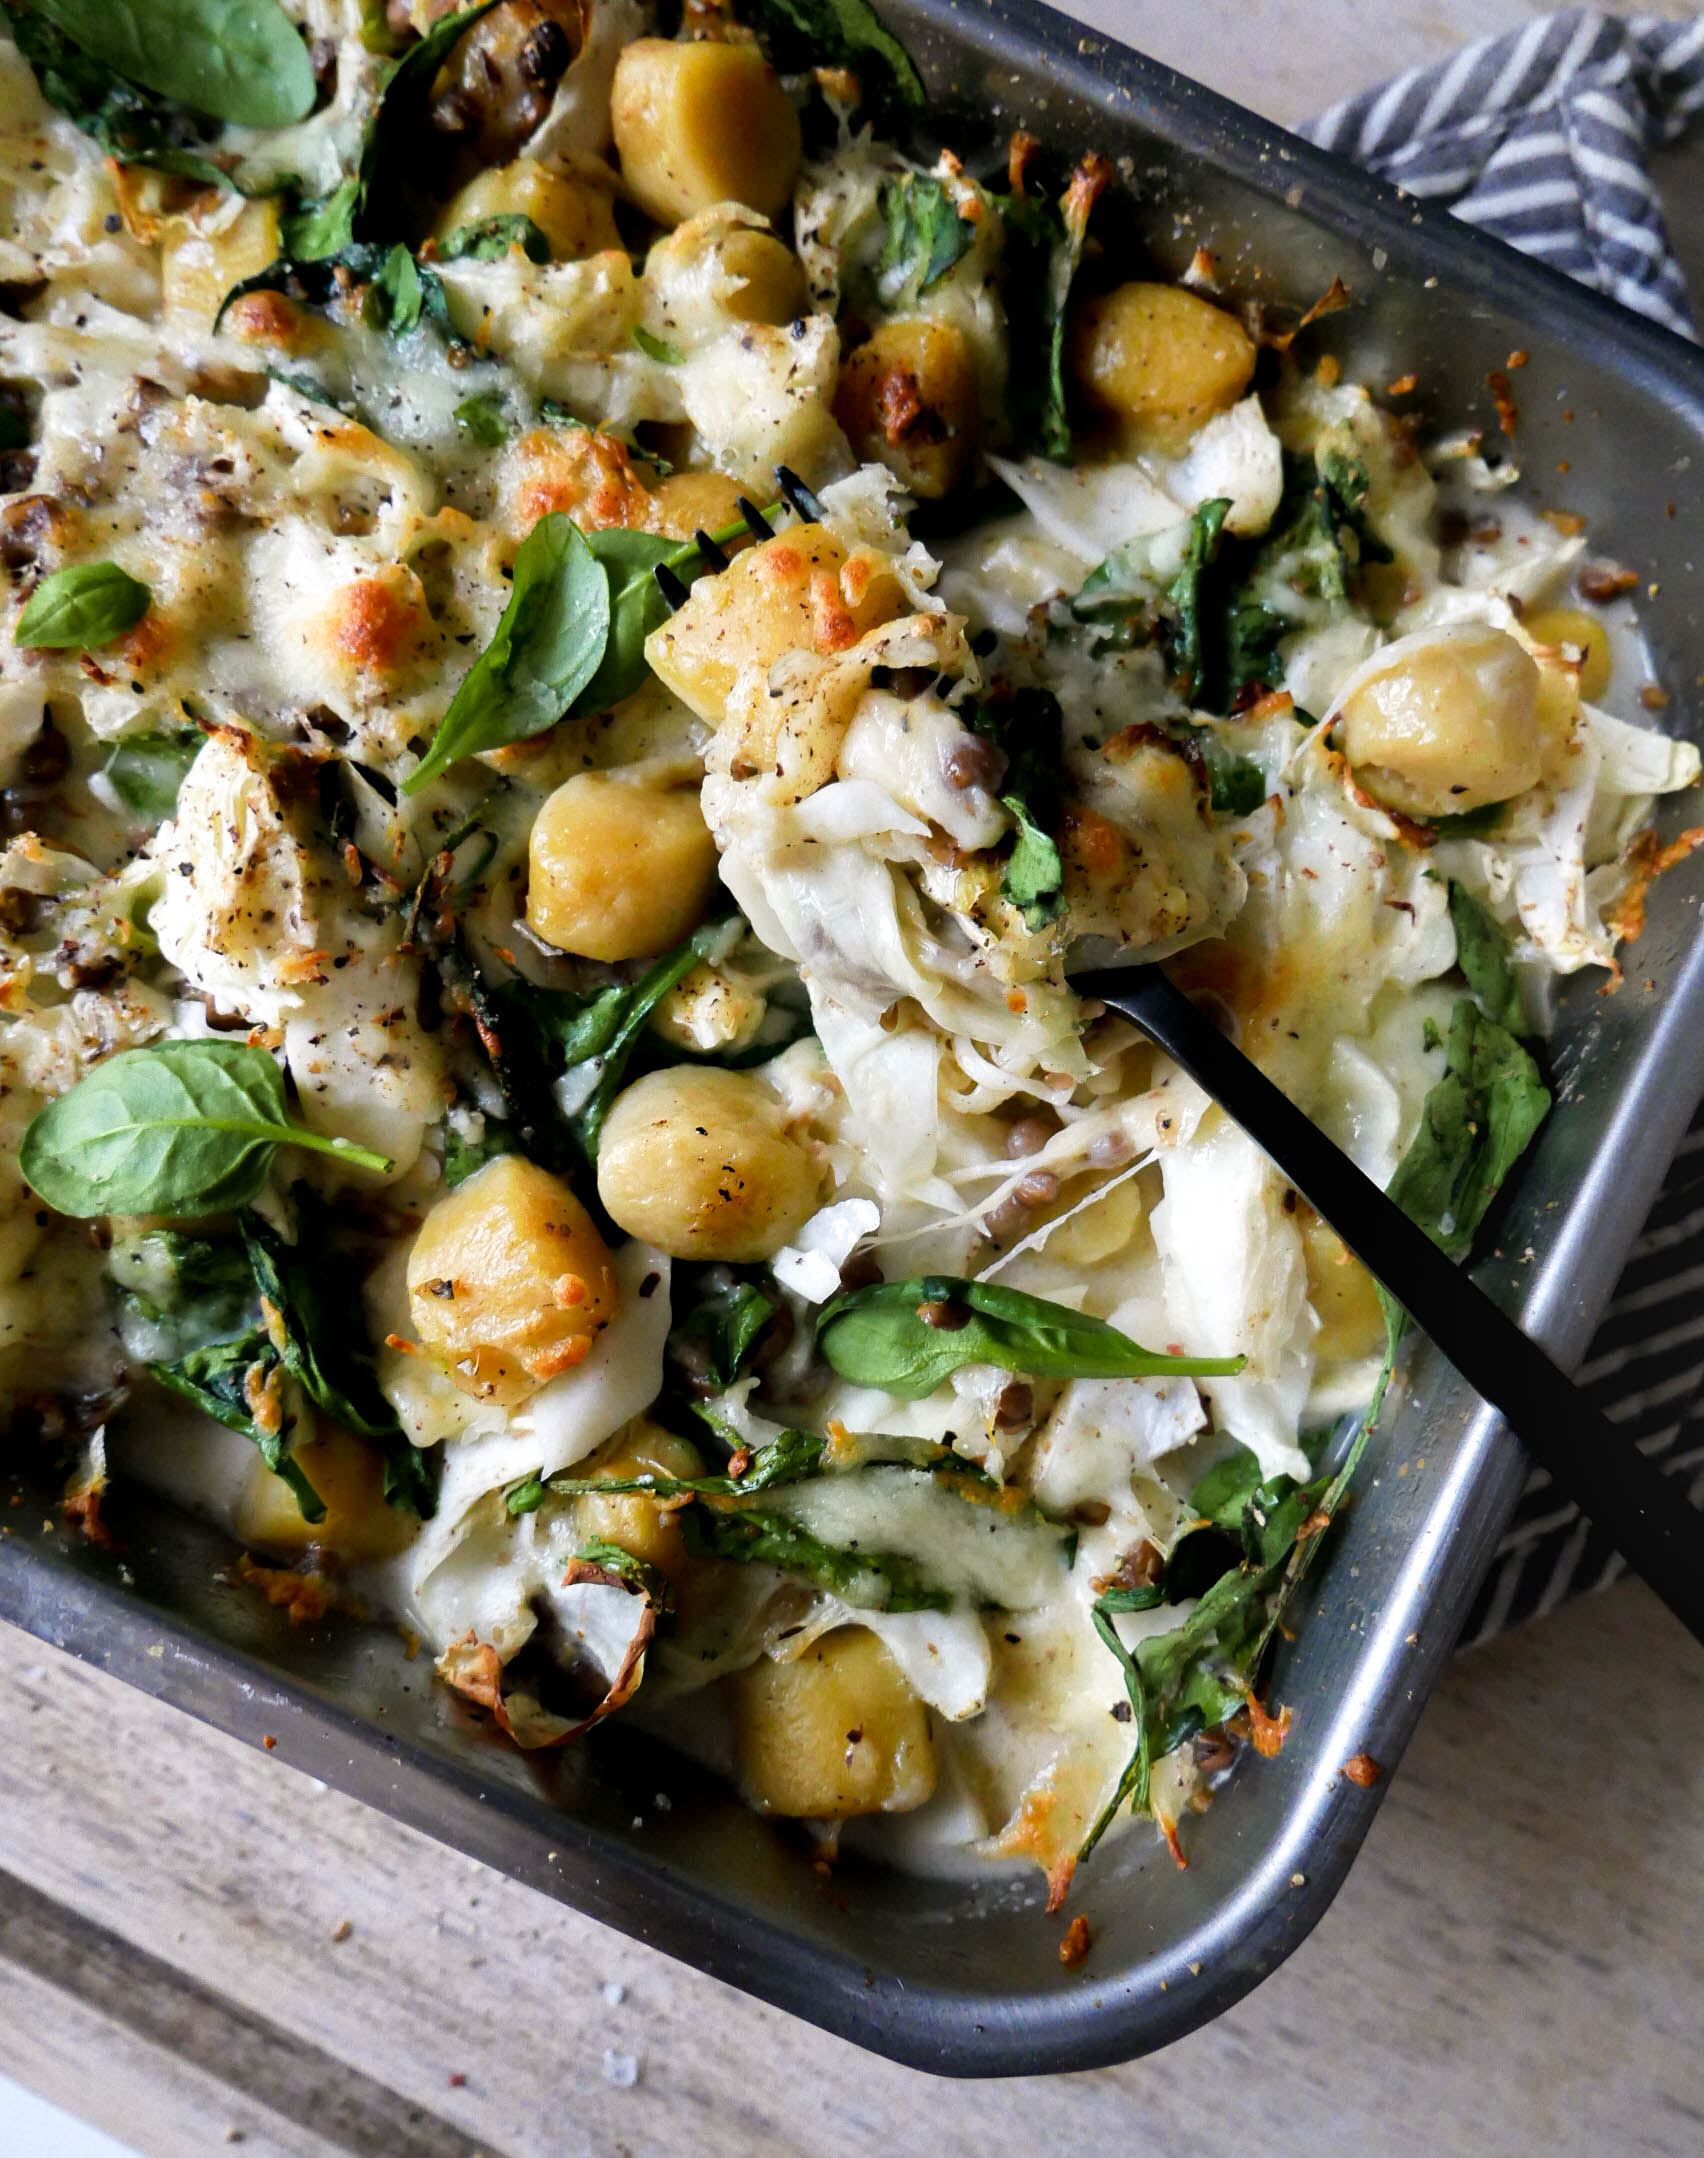 finish oven baked gnocchi cabbage micadeli